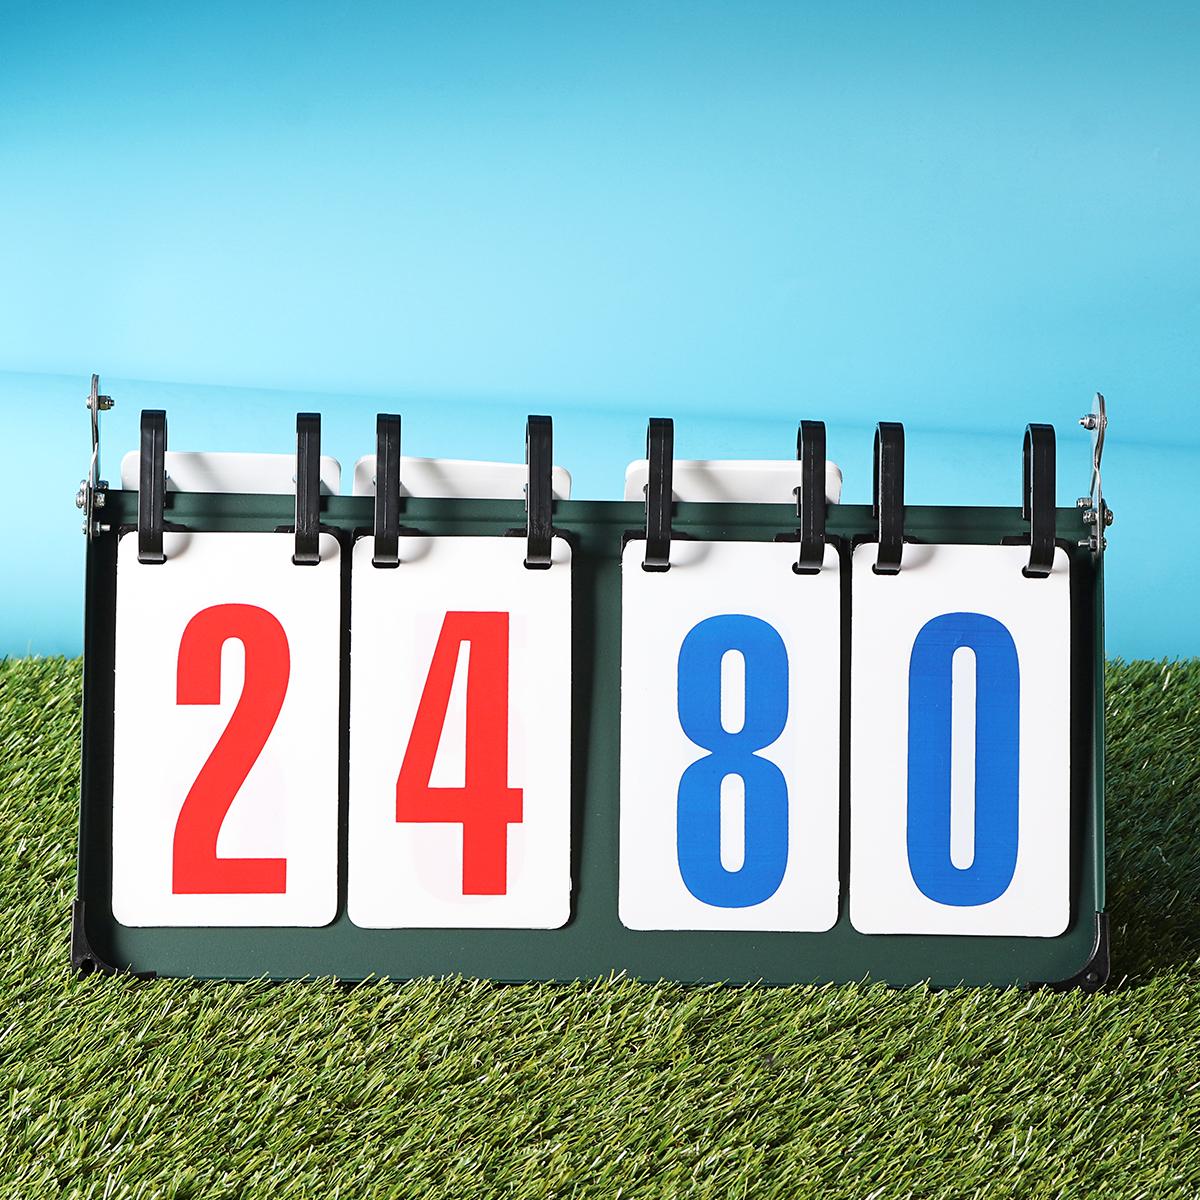 4/6DigitScorebordSeparatorDraagbaresportwedstrijd Voetbal Basketbalspel Rechter Flip Score Bord